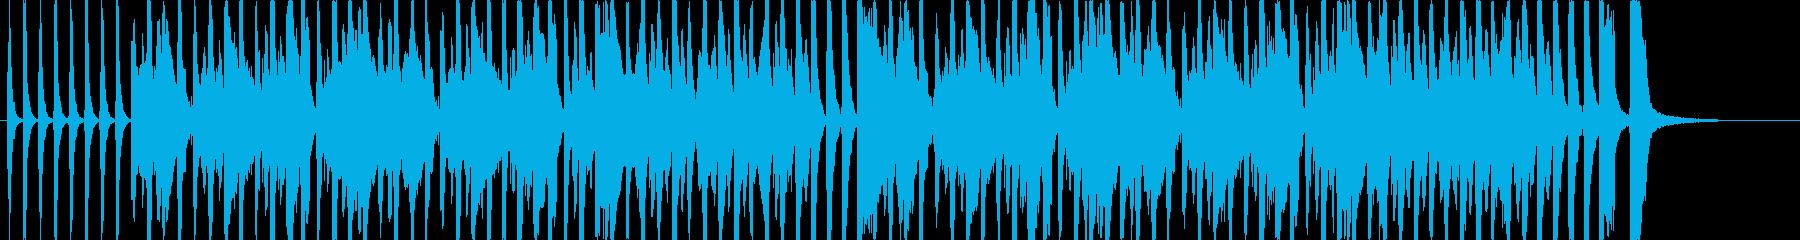 室内音楽風のほのぼのした曲です。の再生済みの波形